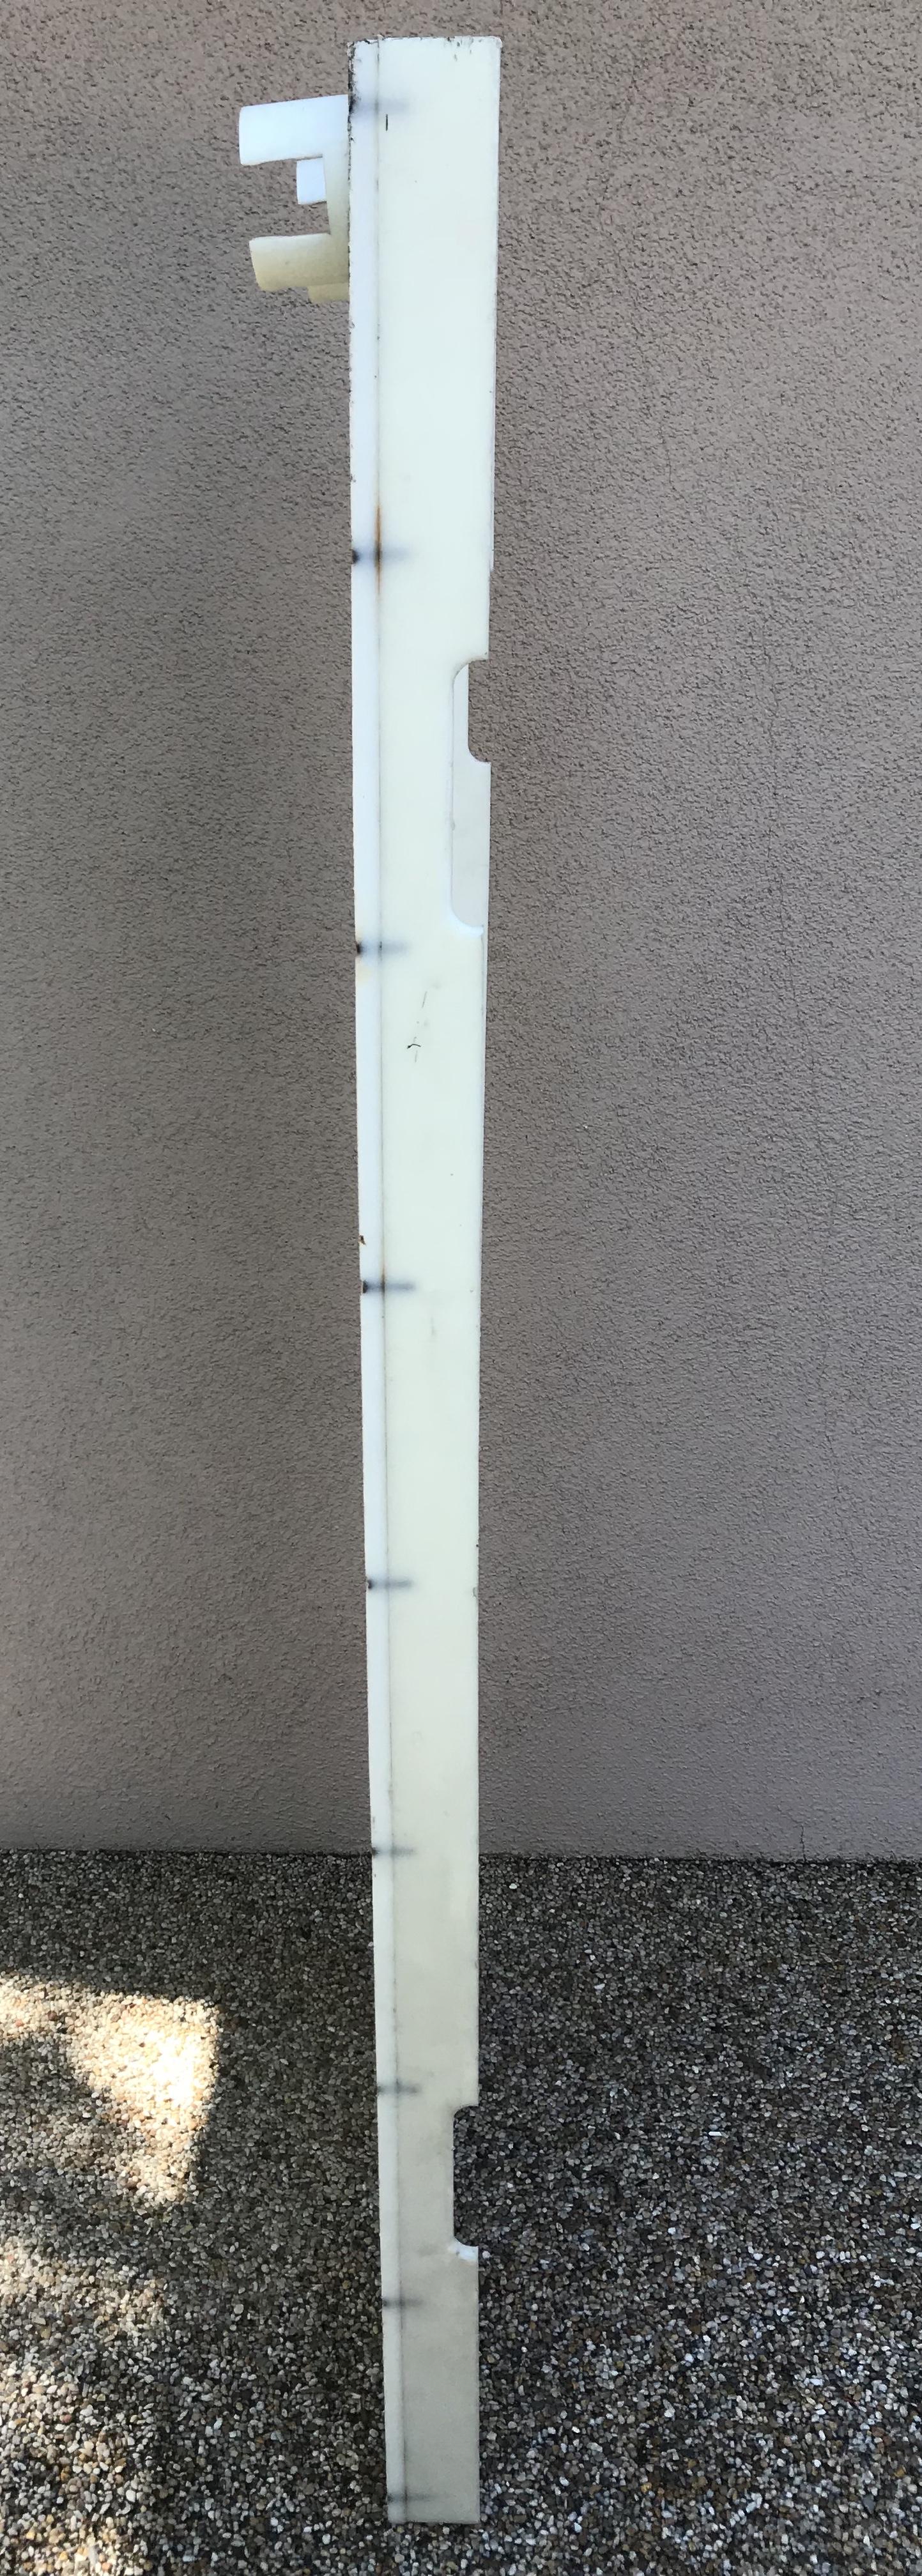 2E2D2FA6-21C8-49C3-AC16-308092AC0772.jpeg